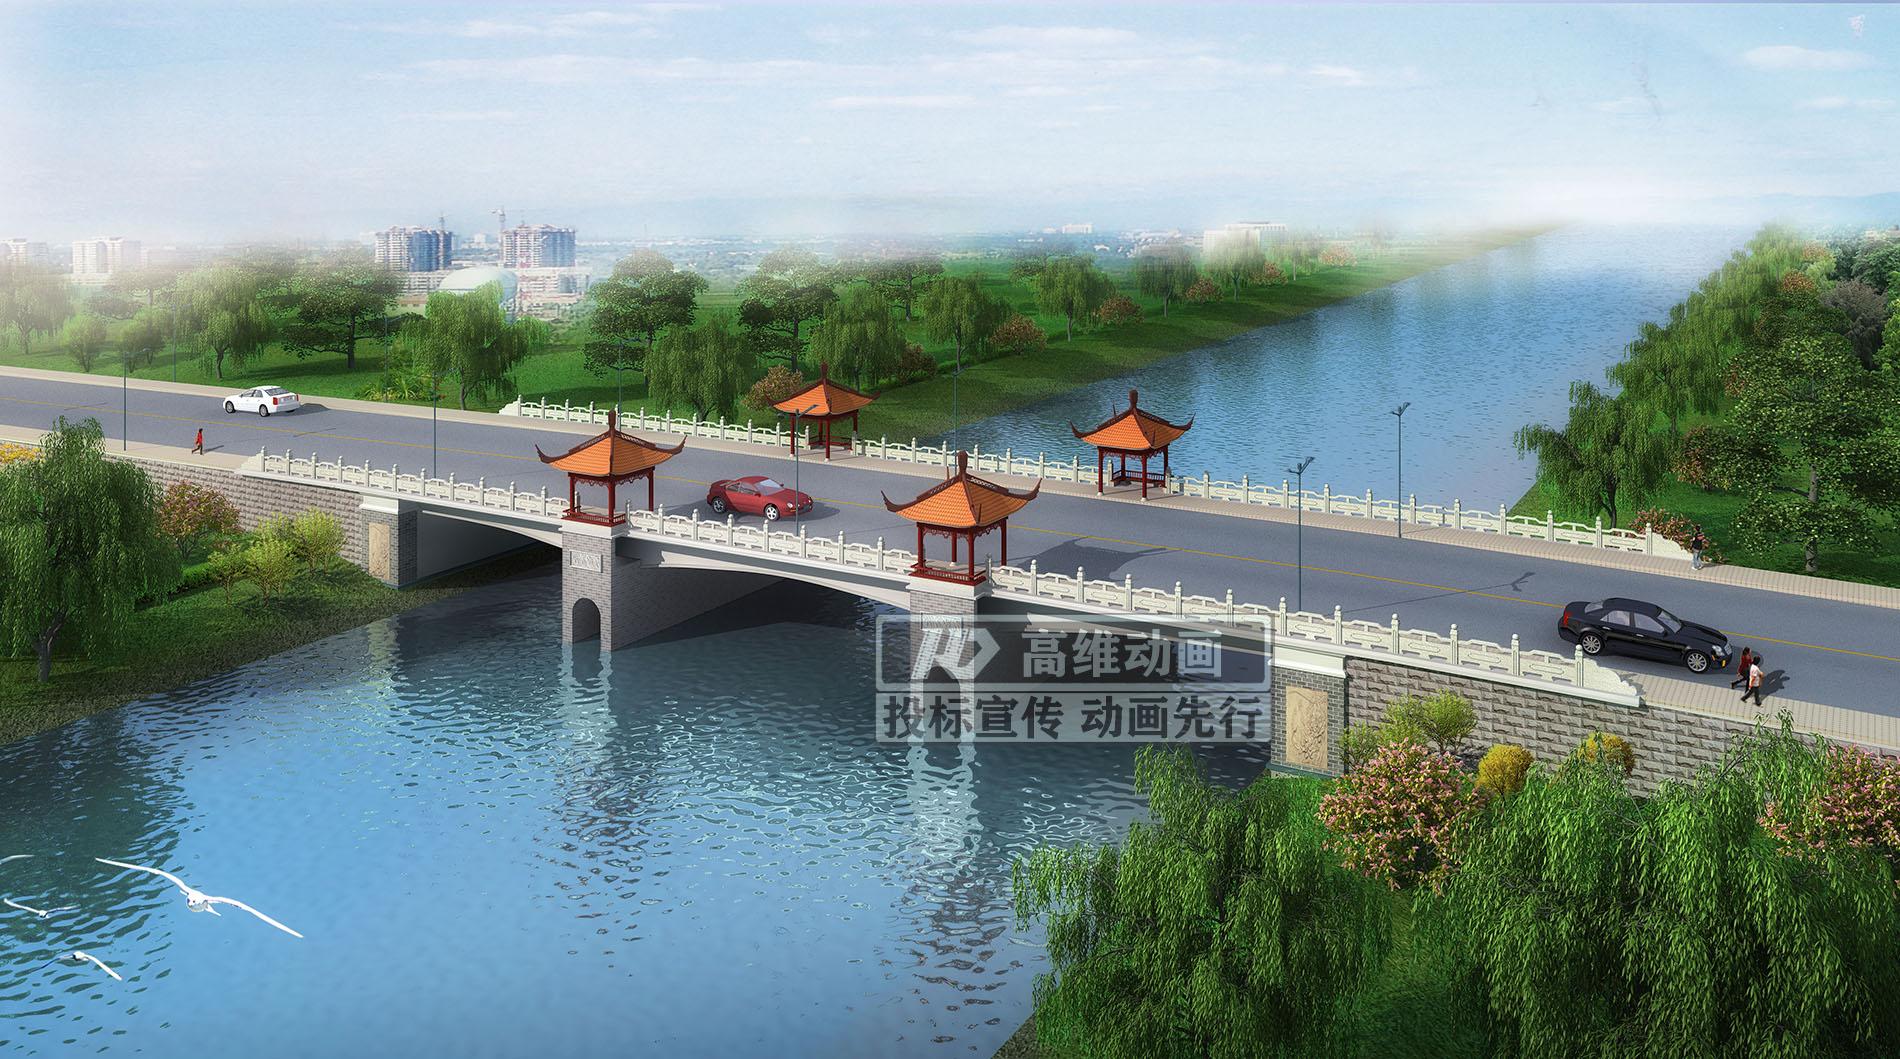 乌鲁木齐广告设计公司路桥广告案例